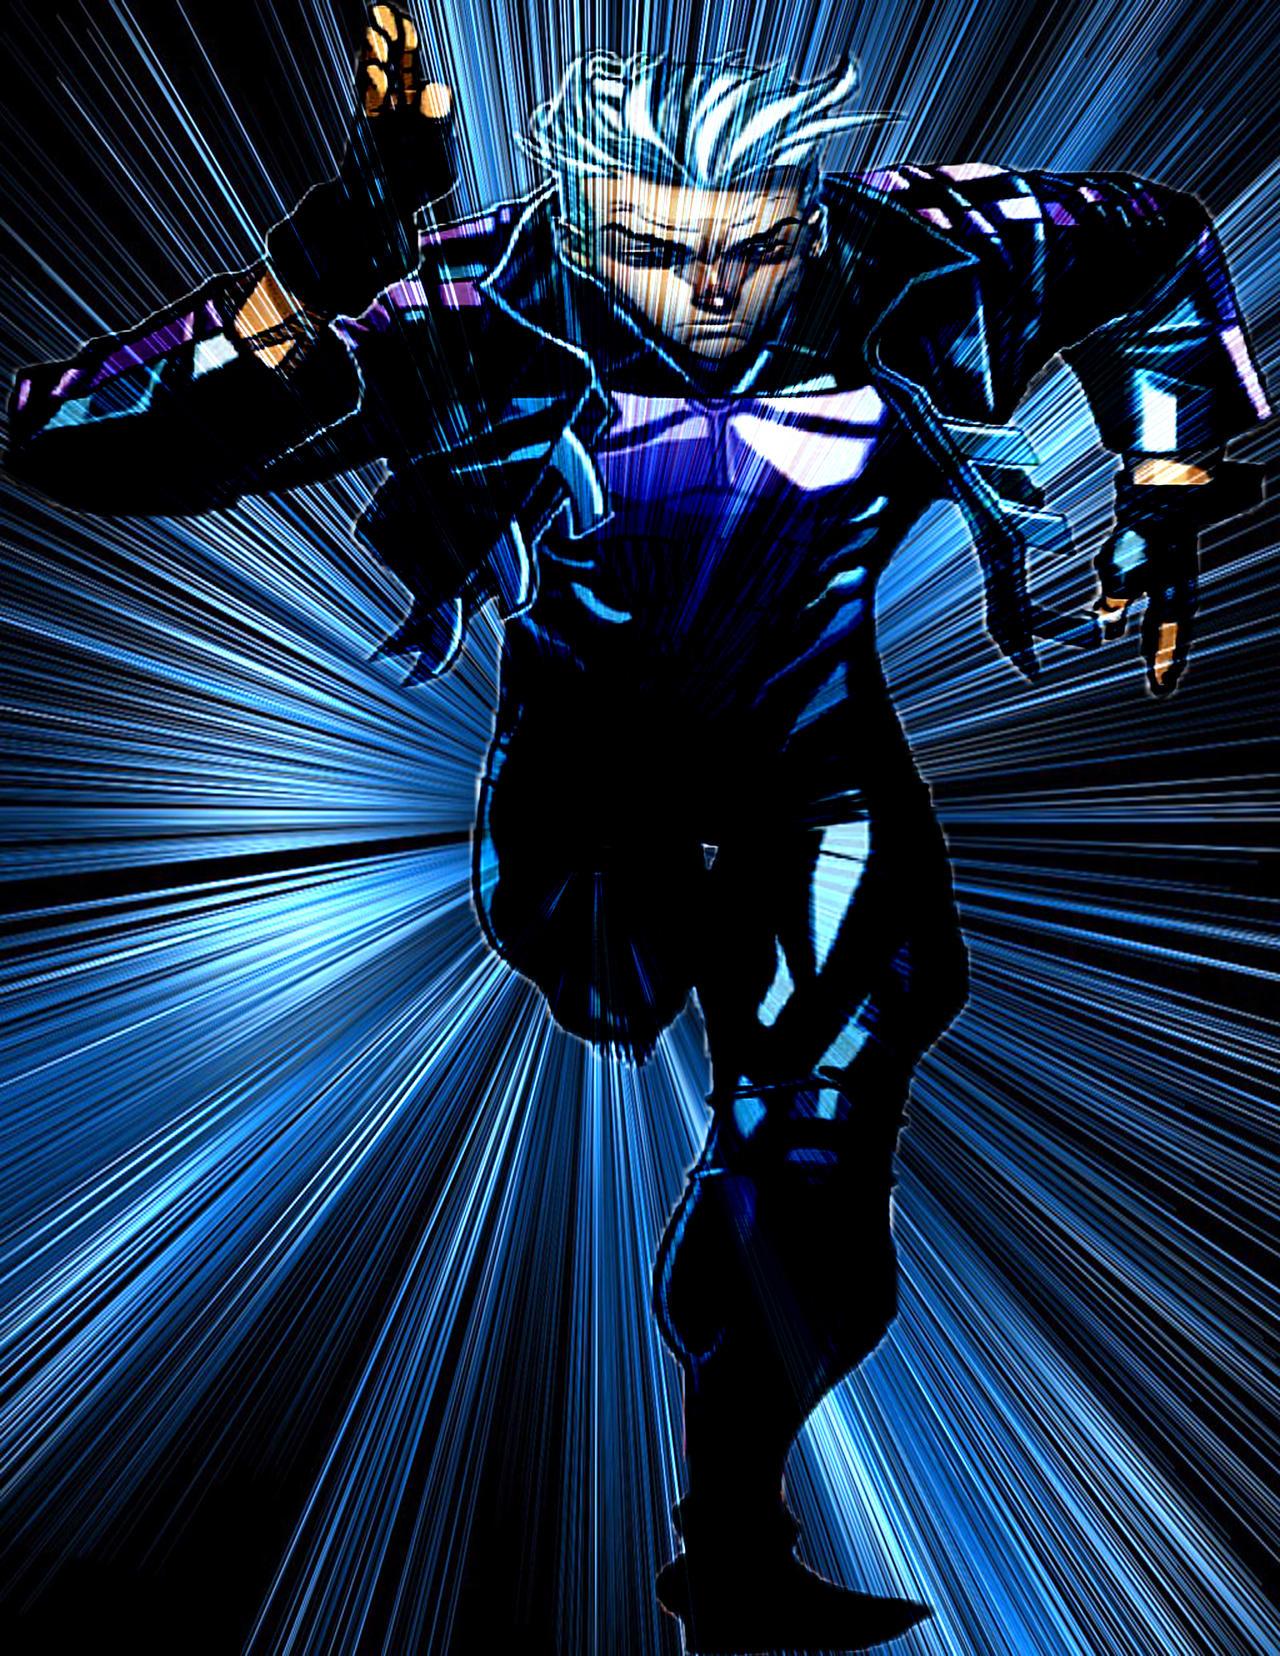 ultimate quicksilver speed warp blue by vortexsonic on